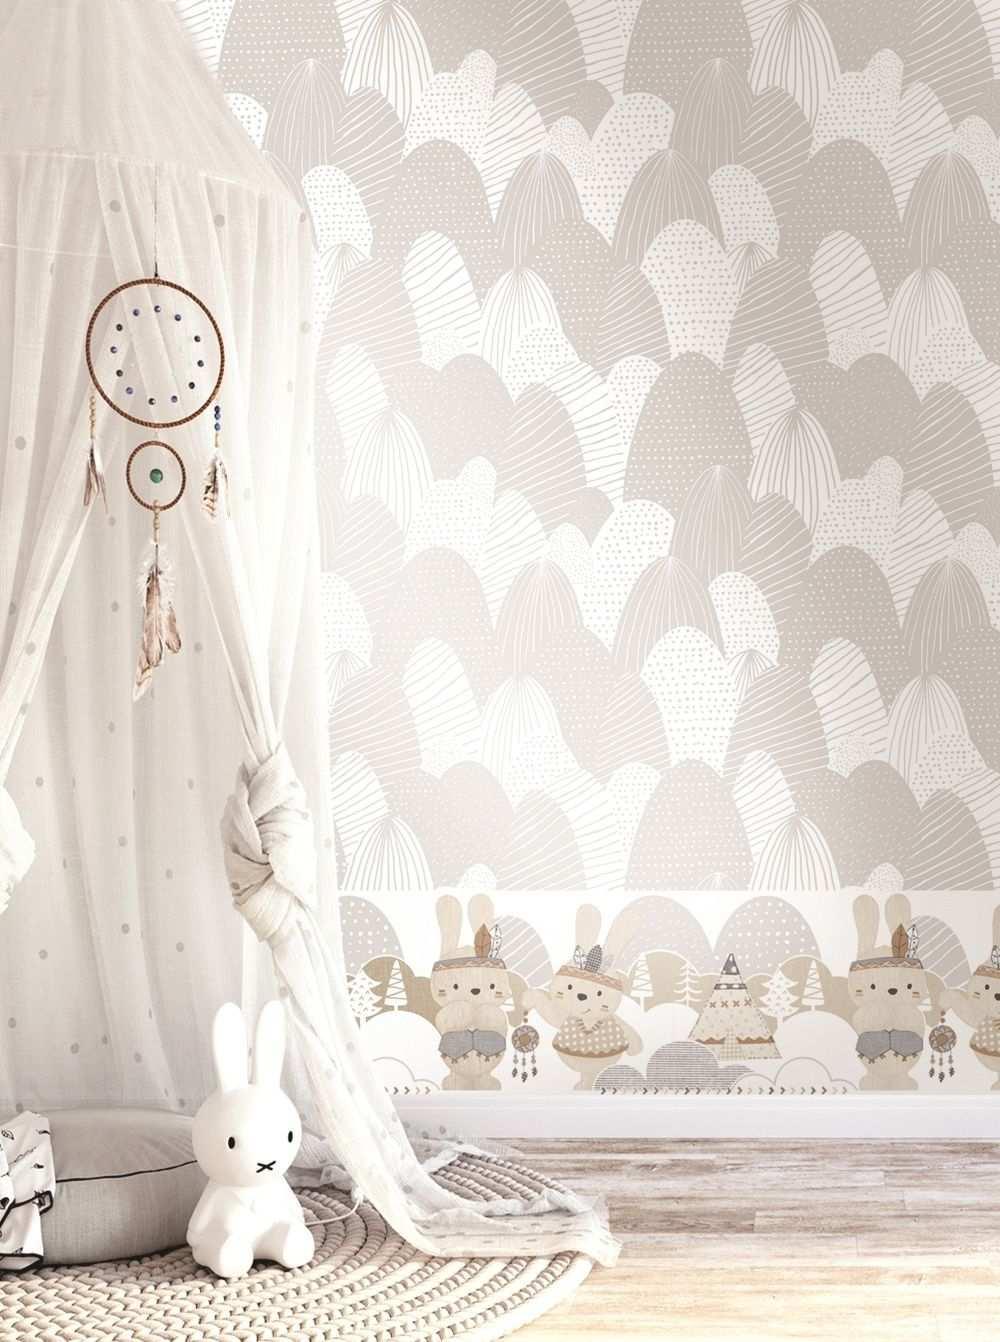 Tapeten Fur Babys Kinder Babyzimmer Design Rasch Textil Kinder Tapete